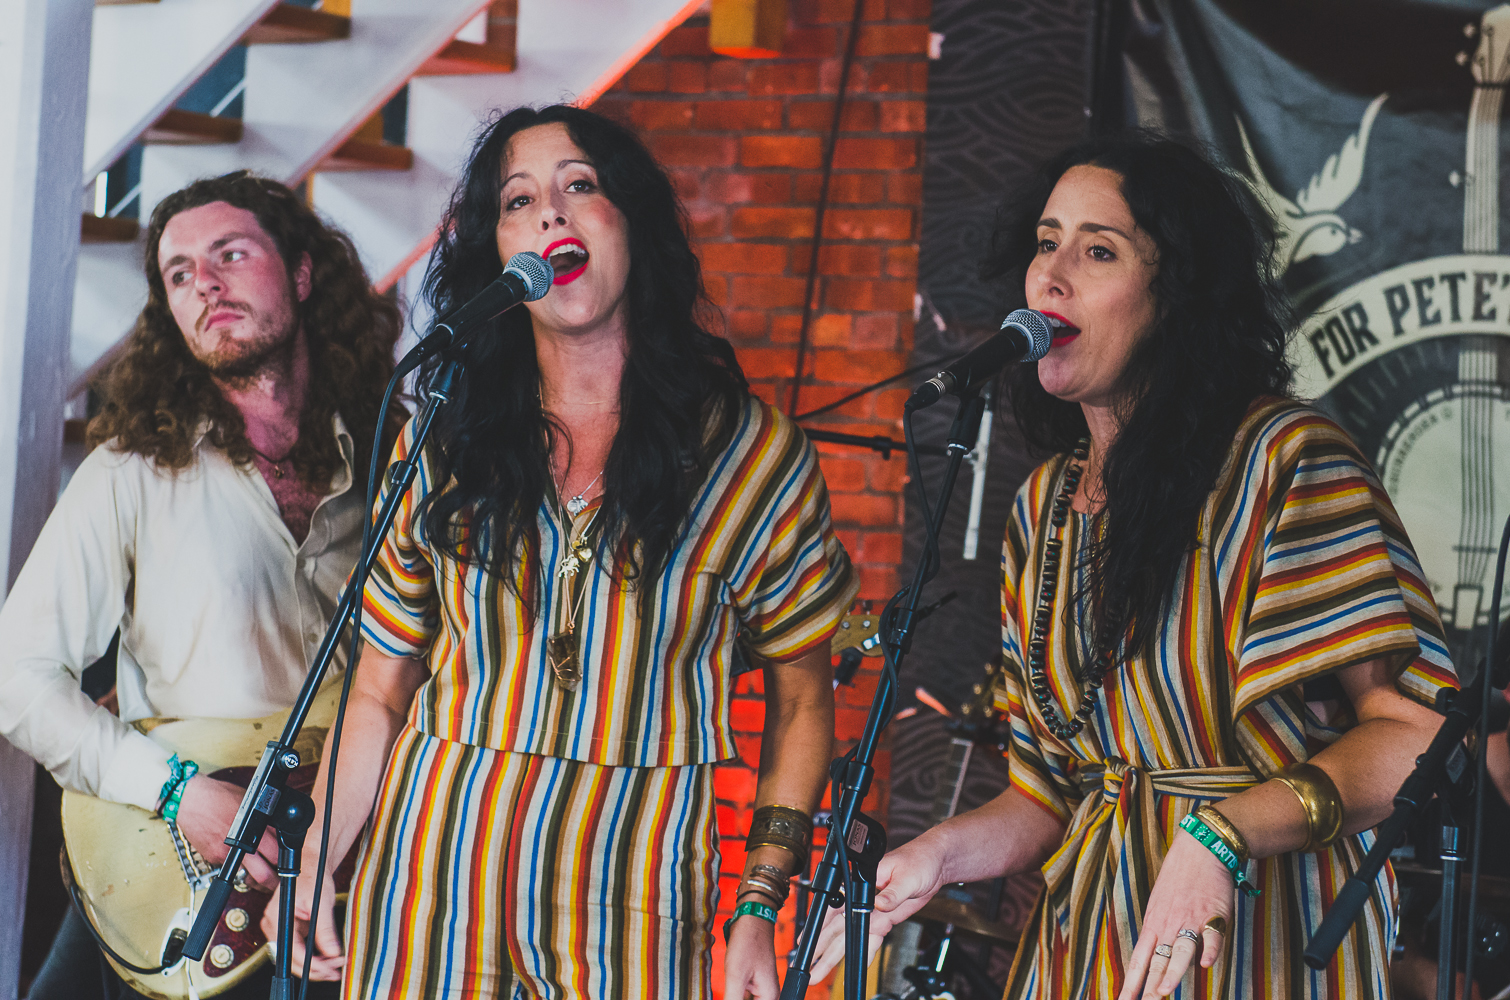 Newport Folk 2018 Ben Kaye-Nicole Atkins Museum Stage Watson Twins 2